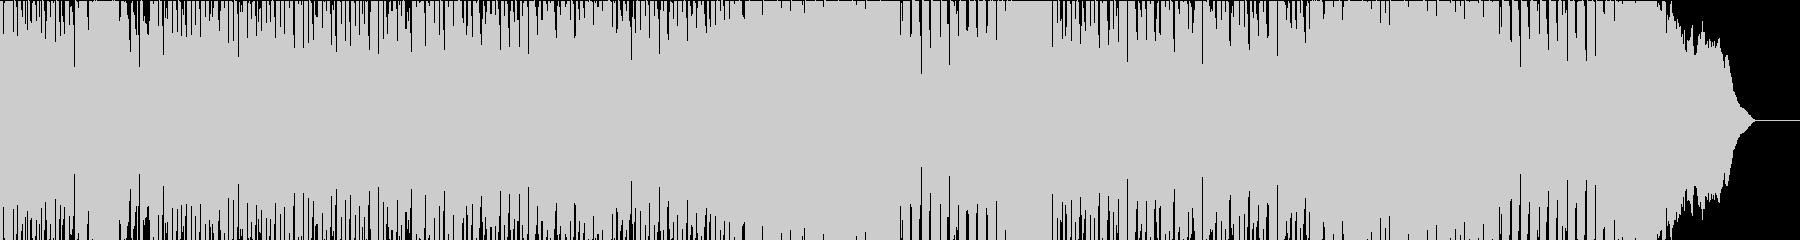 オープニング感のあるデジタル系ロックの未再生の波形